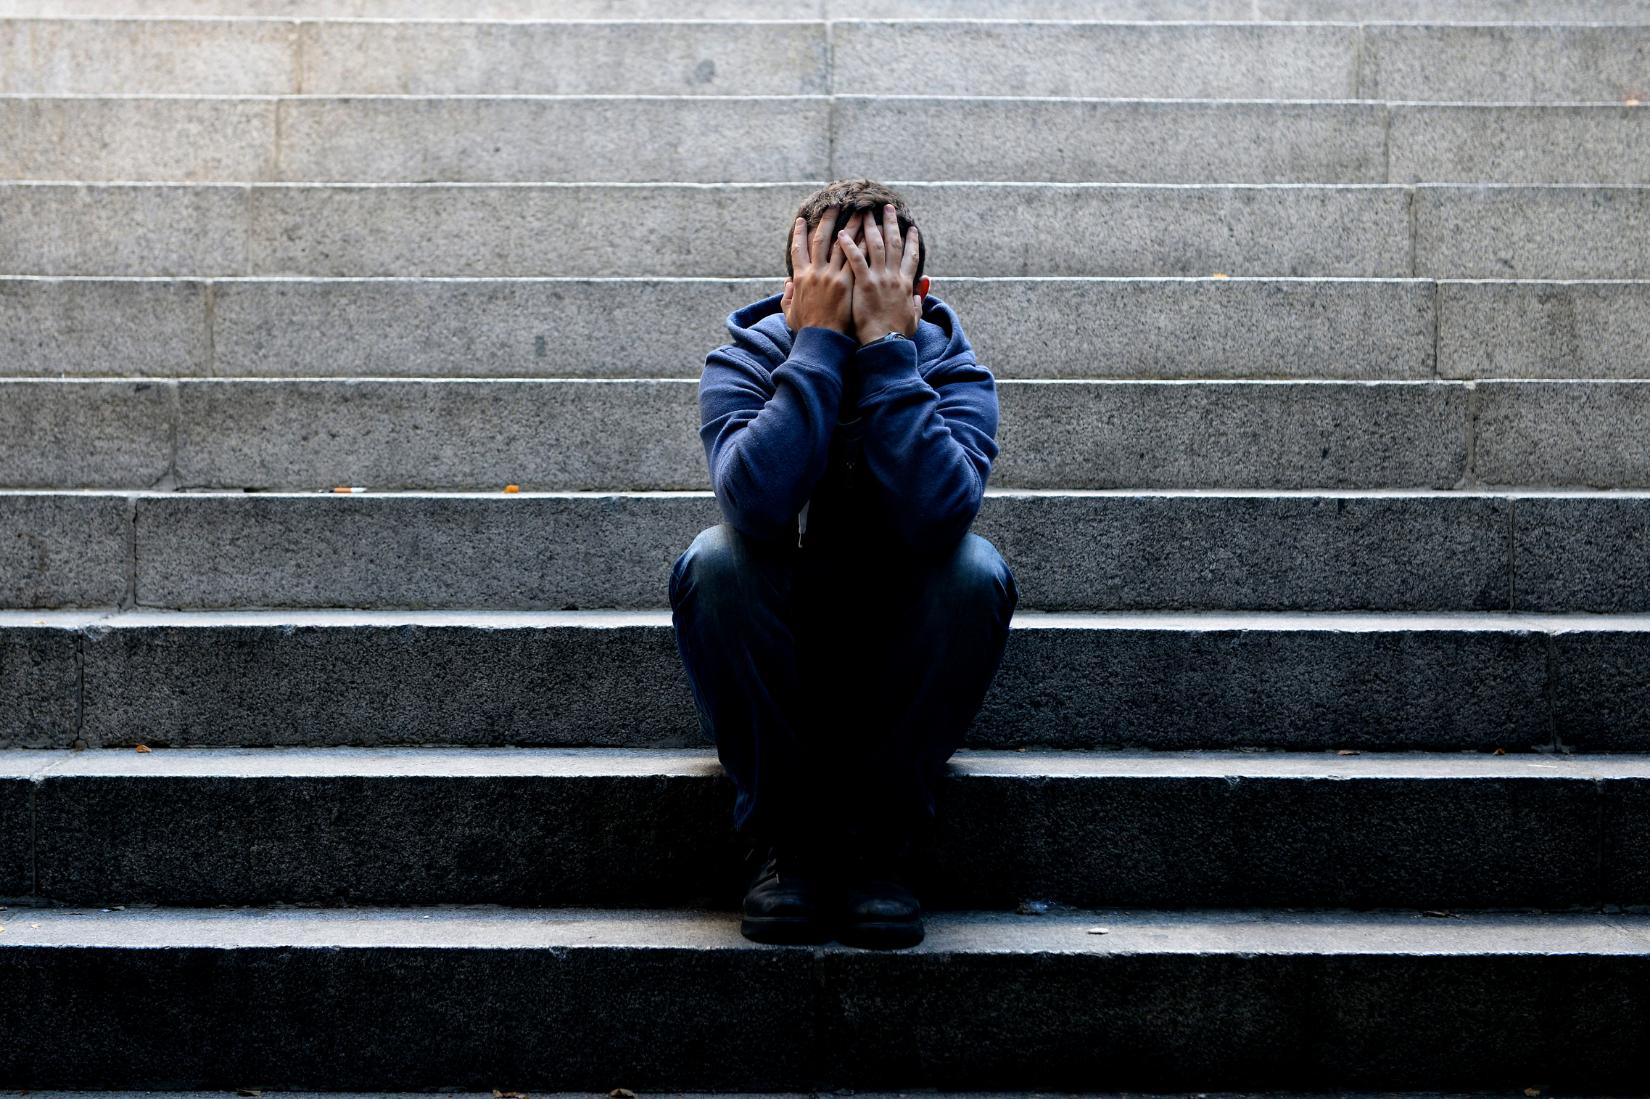 Adicción al alcohol: ¿por qué sucede y cómo evitarla?